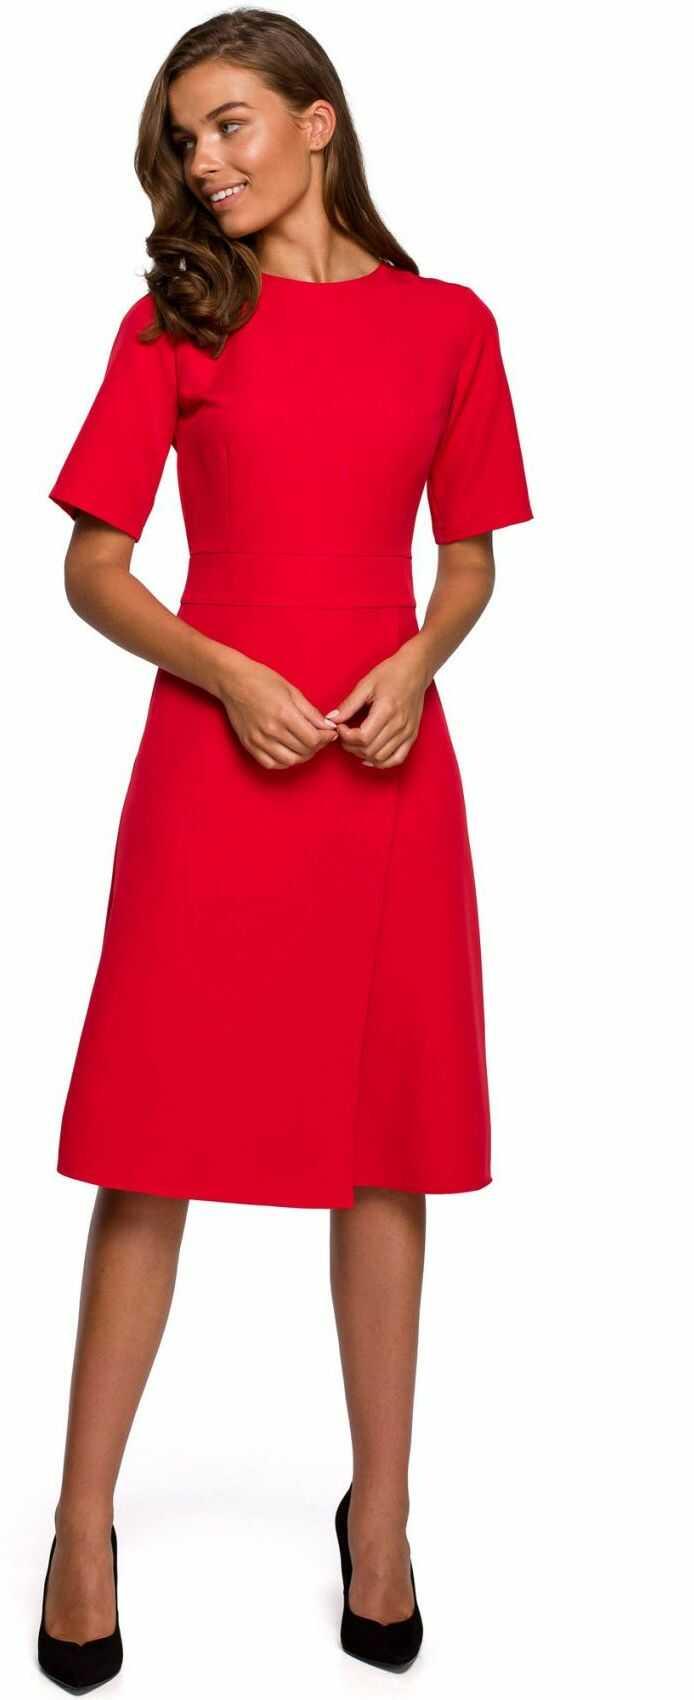 S240 Sukienka z dołem kopertowym - czerwona